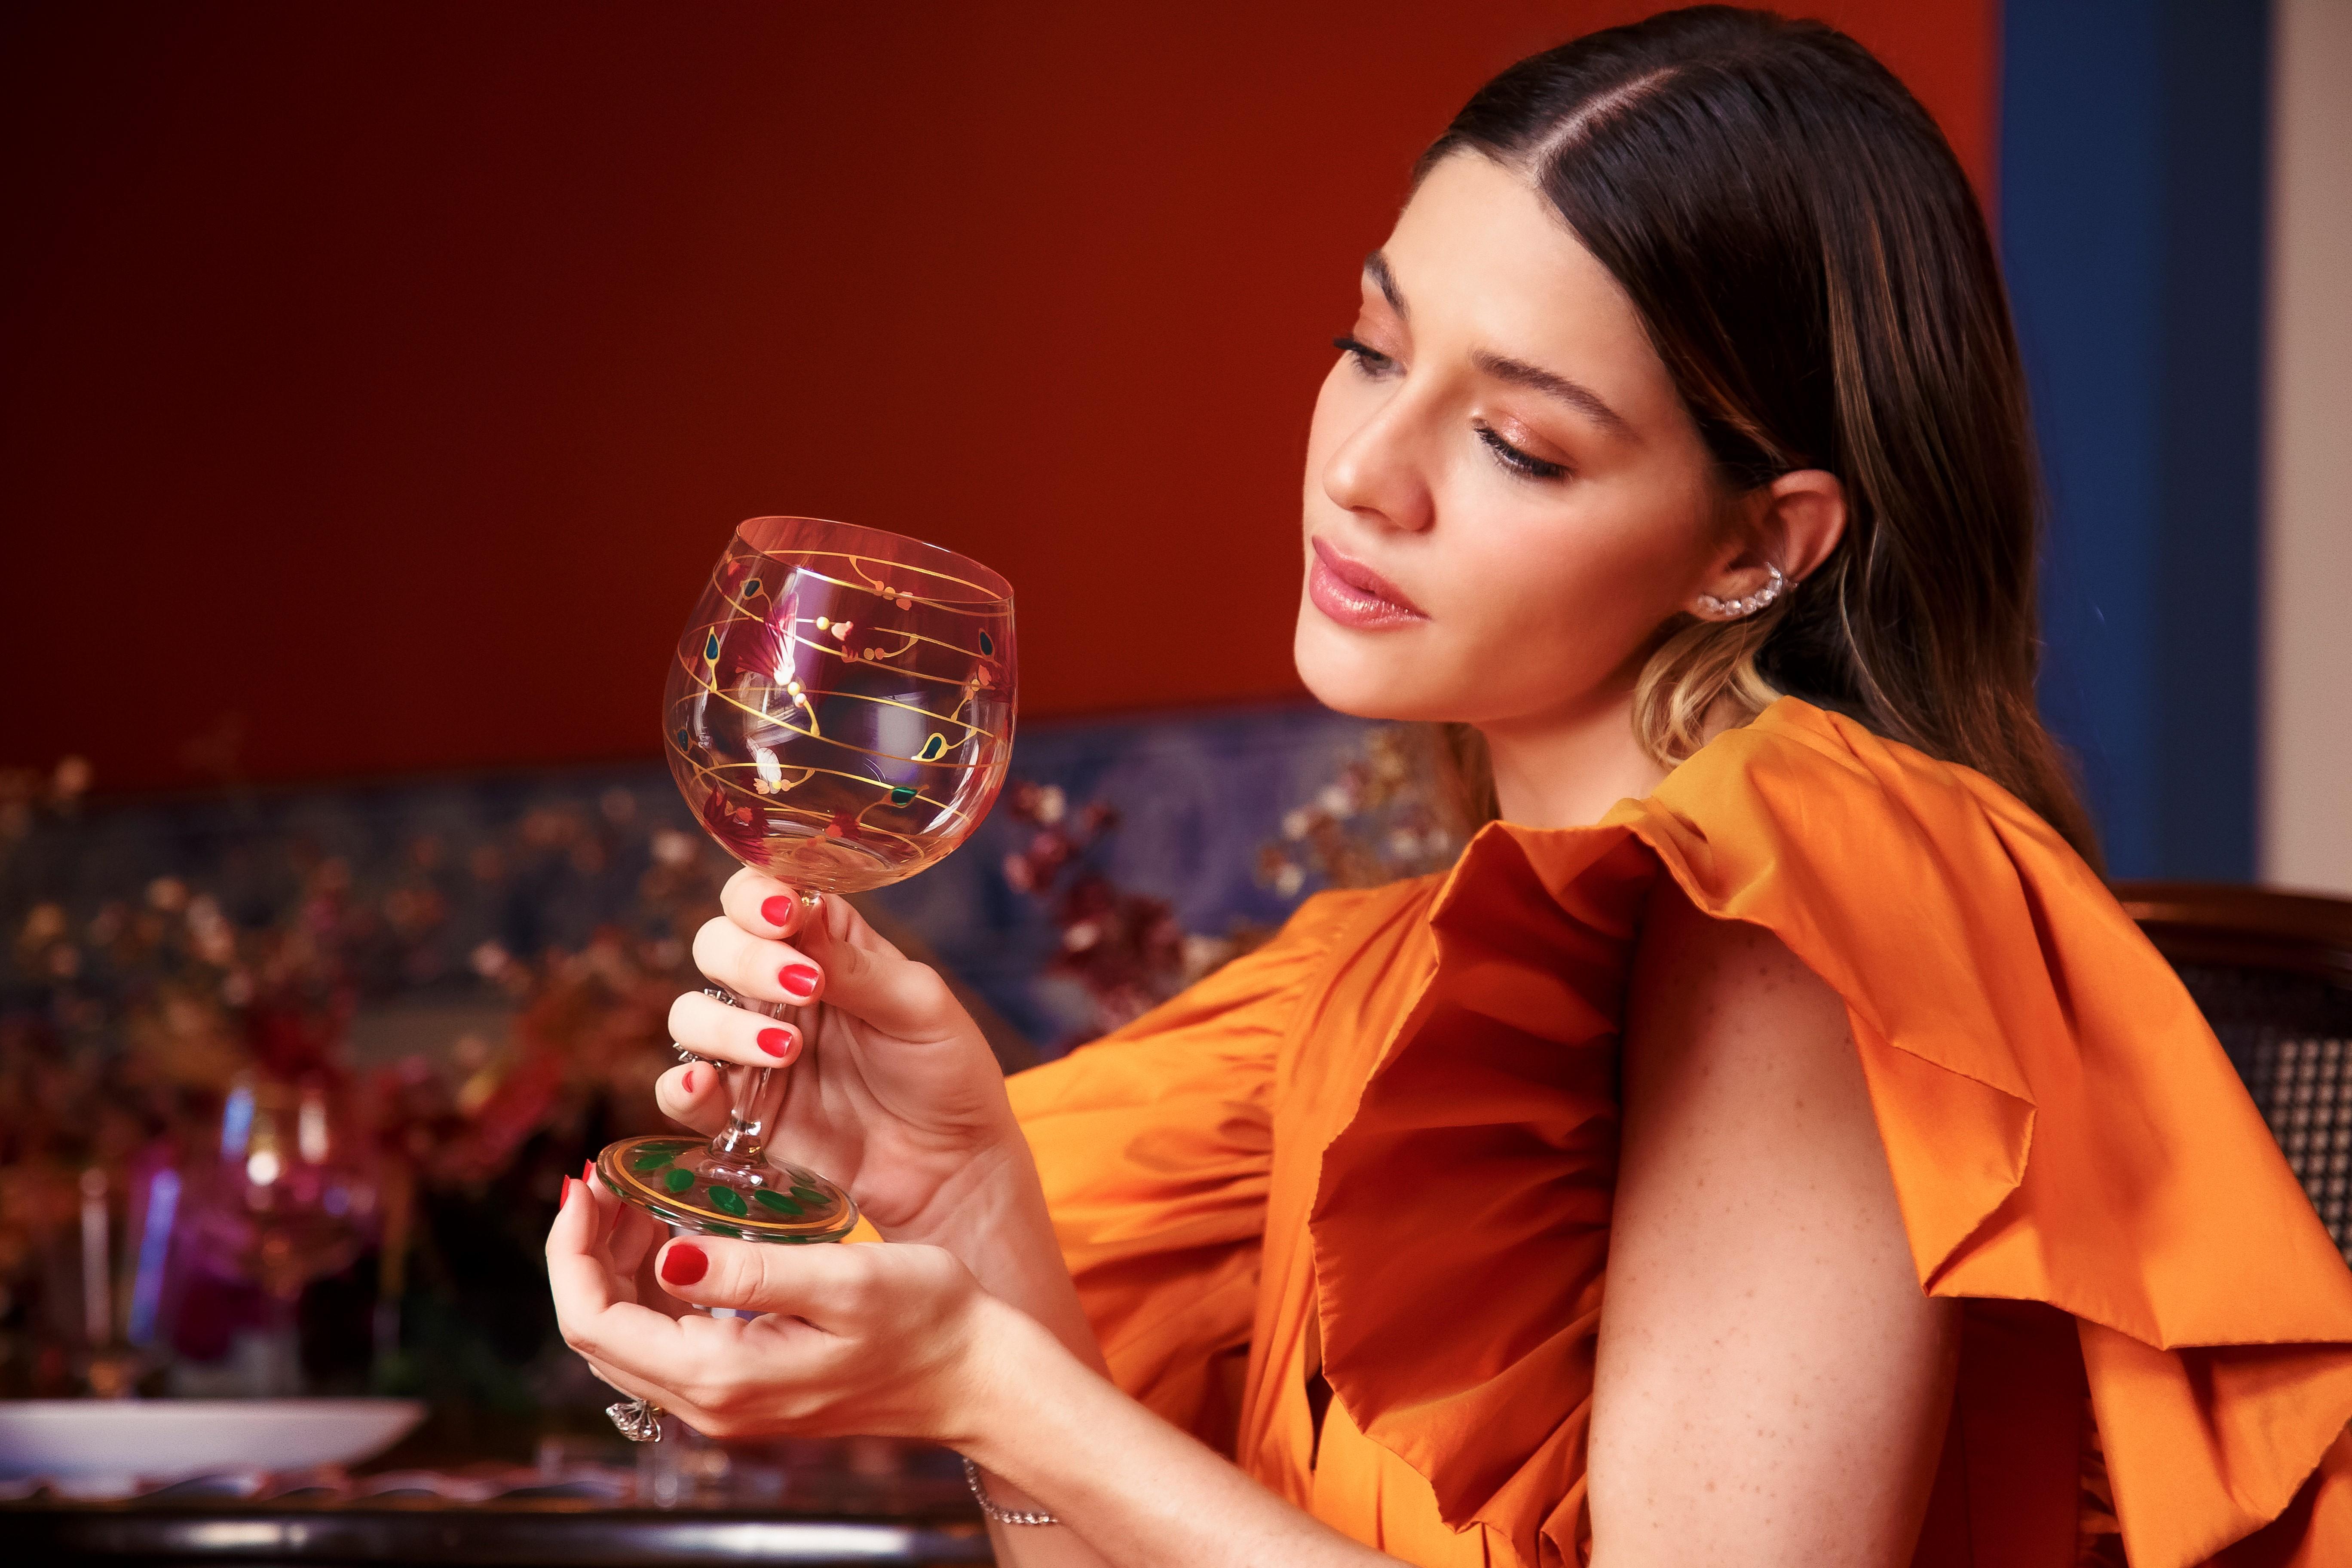 Atriz Luma Costa posa com vestido laranja e segura uma taça de vidro decorada com desenhos coloridos.